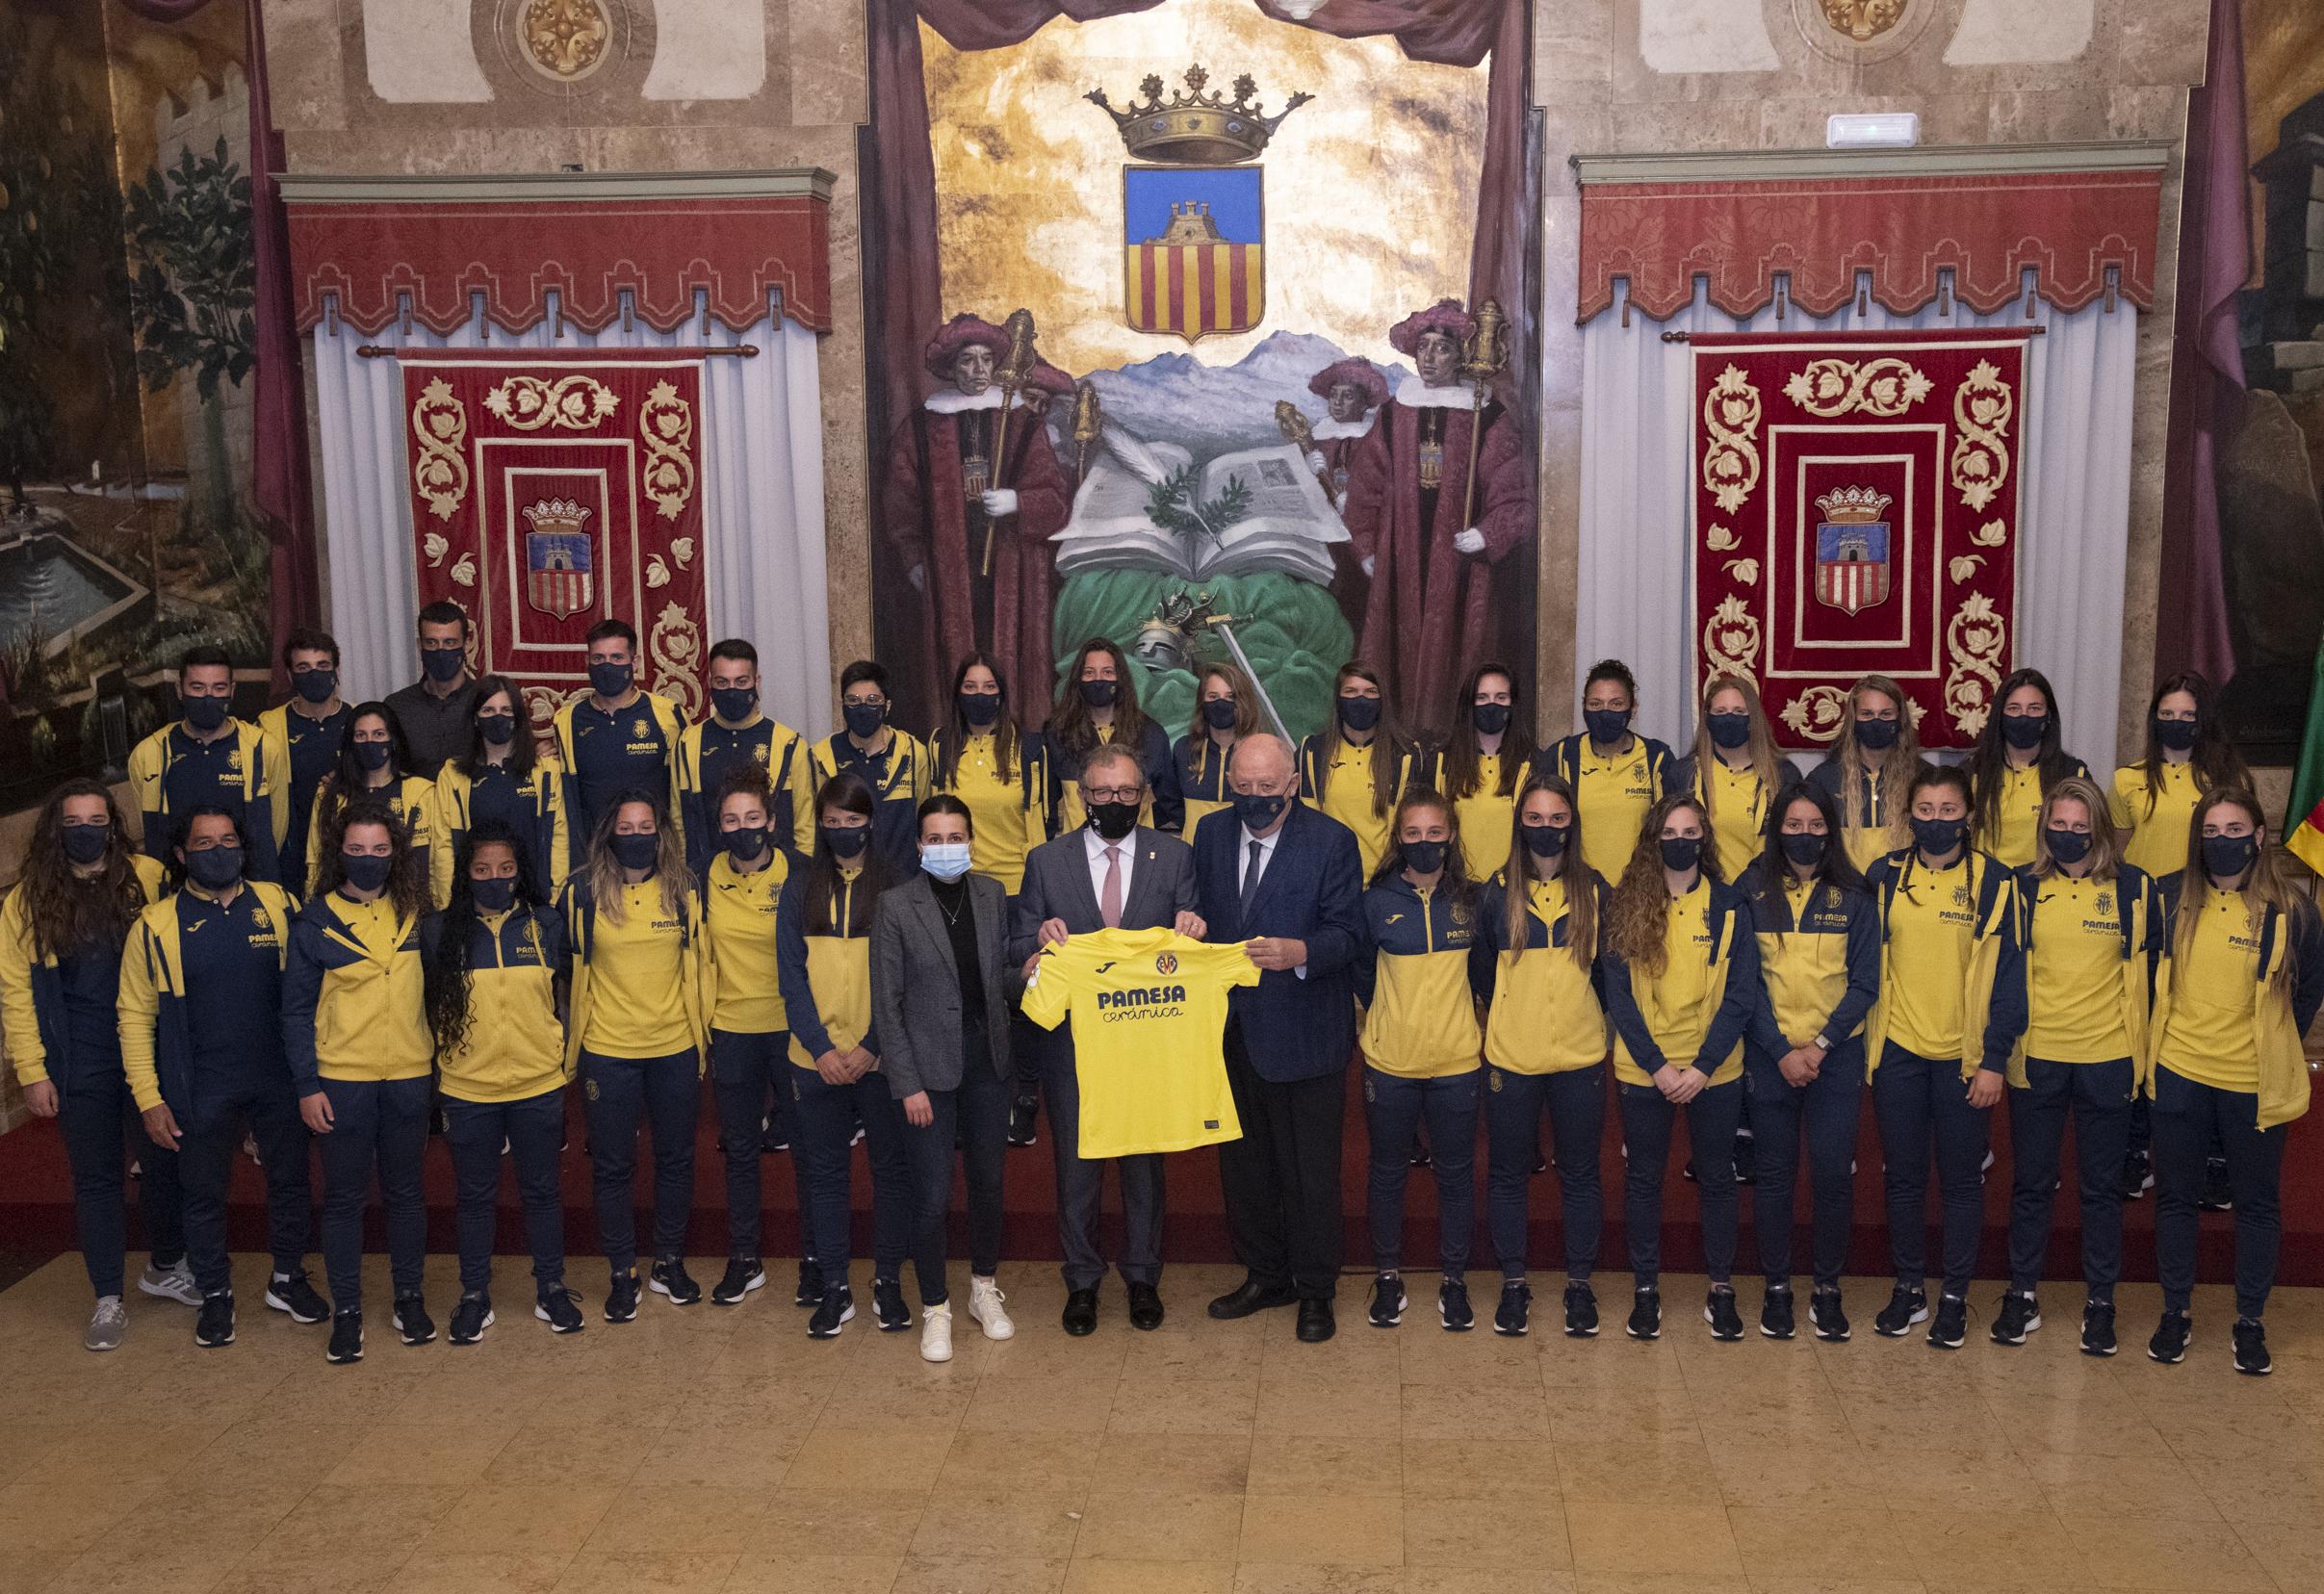 La Diputació rep a l'equip femení del Vila-real C.F. amb motiu de l'ascens a primera divisió